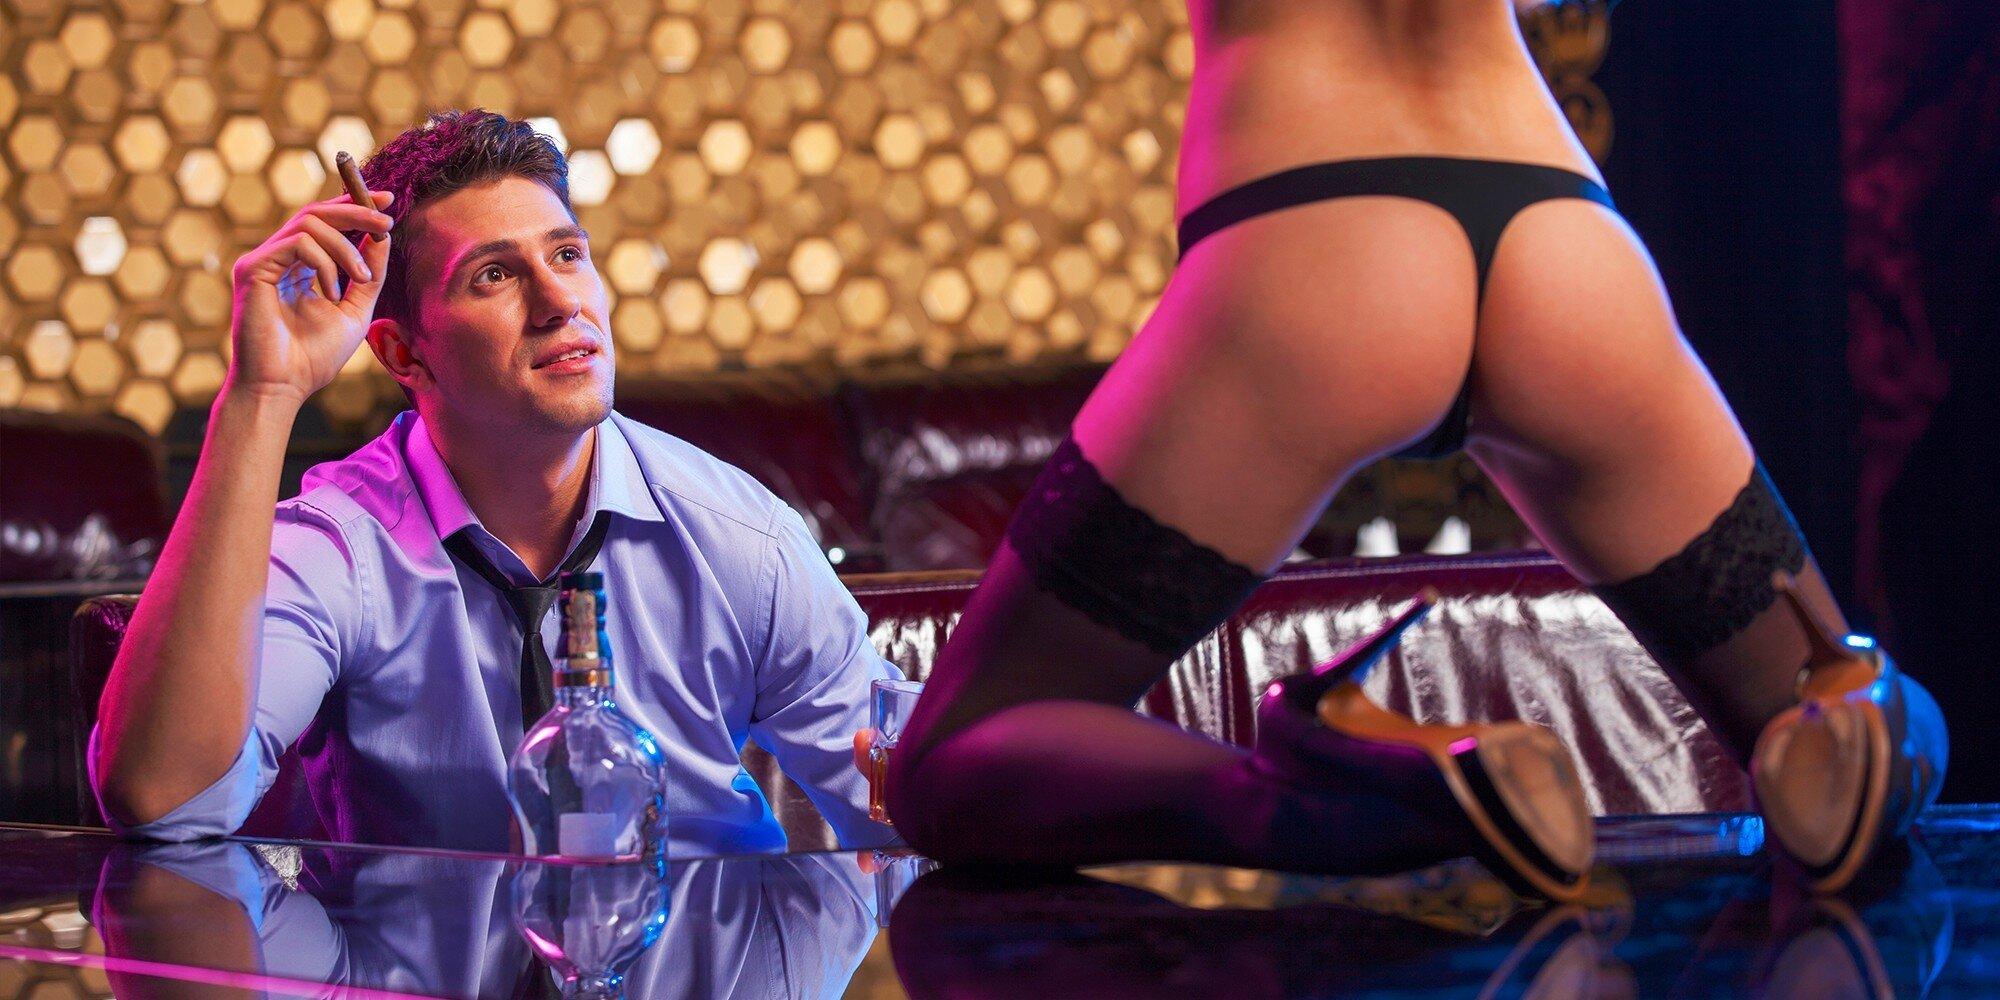 стриптизерша в клубе приватный танец результате разнообразной